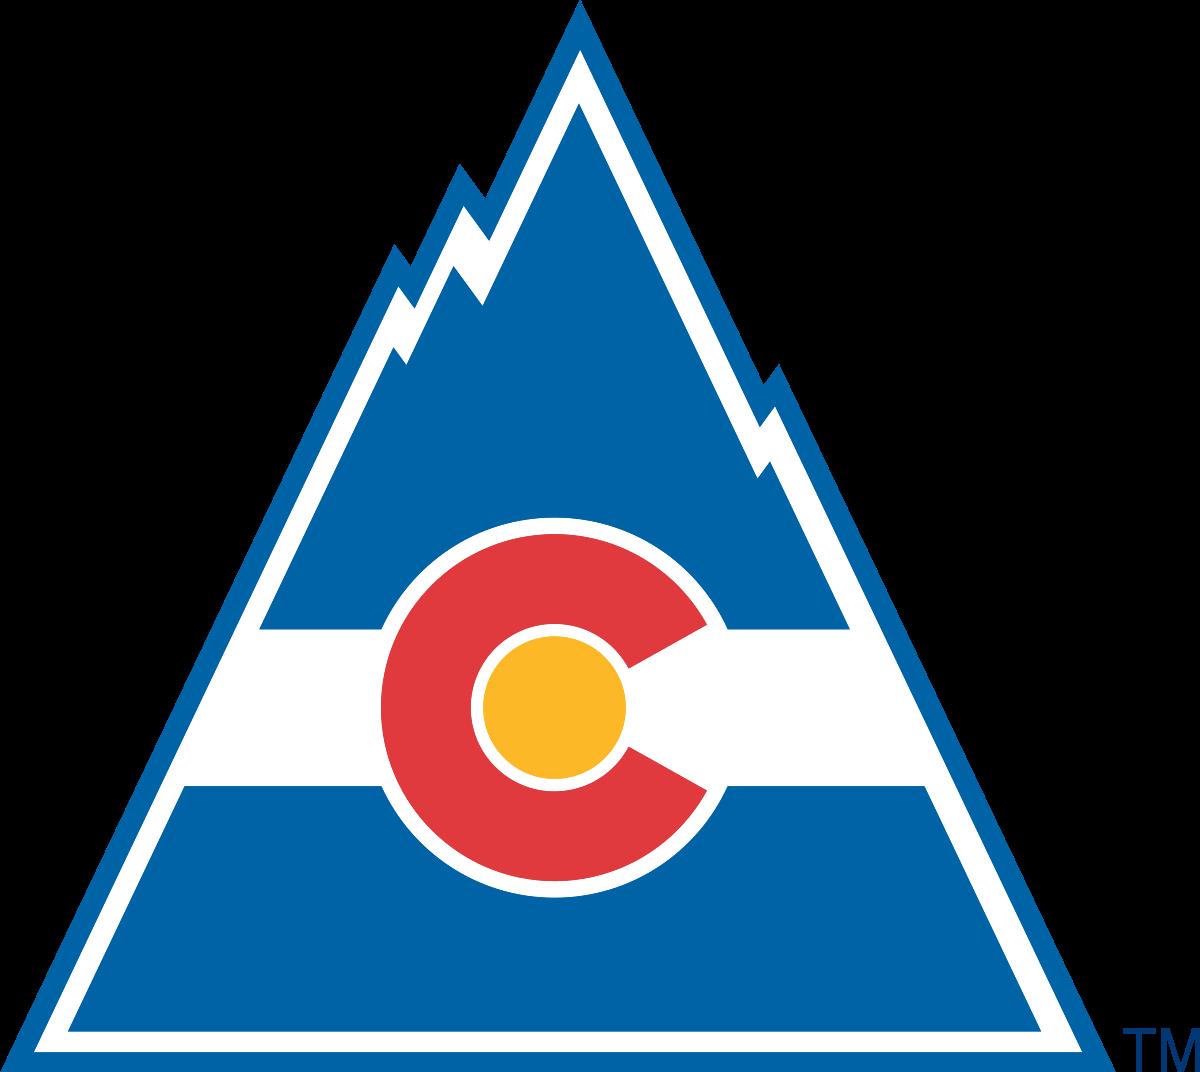 Hockey clipart penalty box. Colorado rockies nhl wikipedia